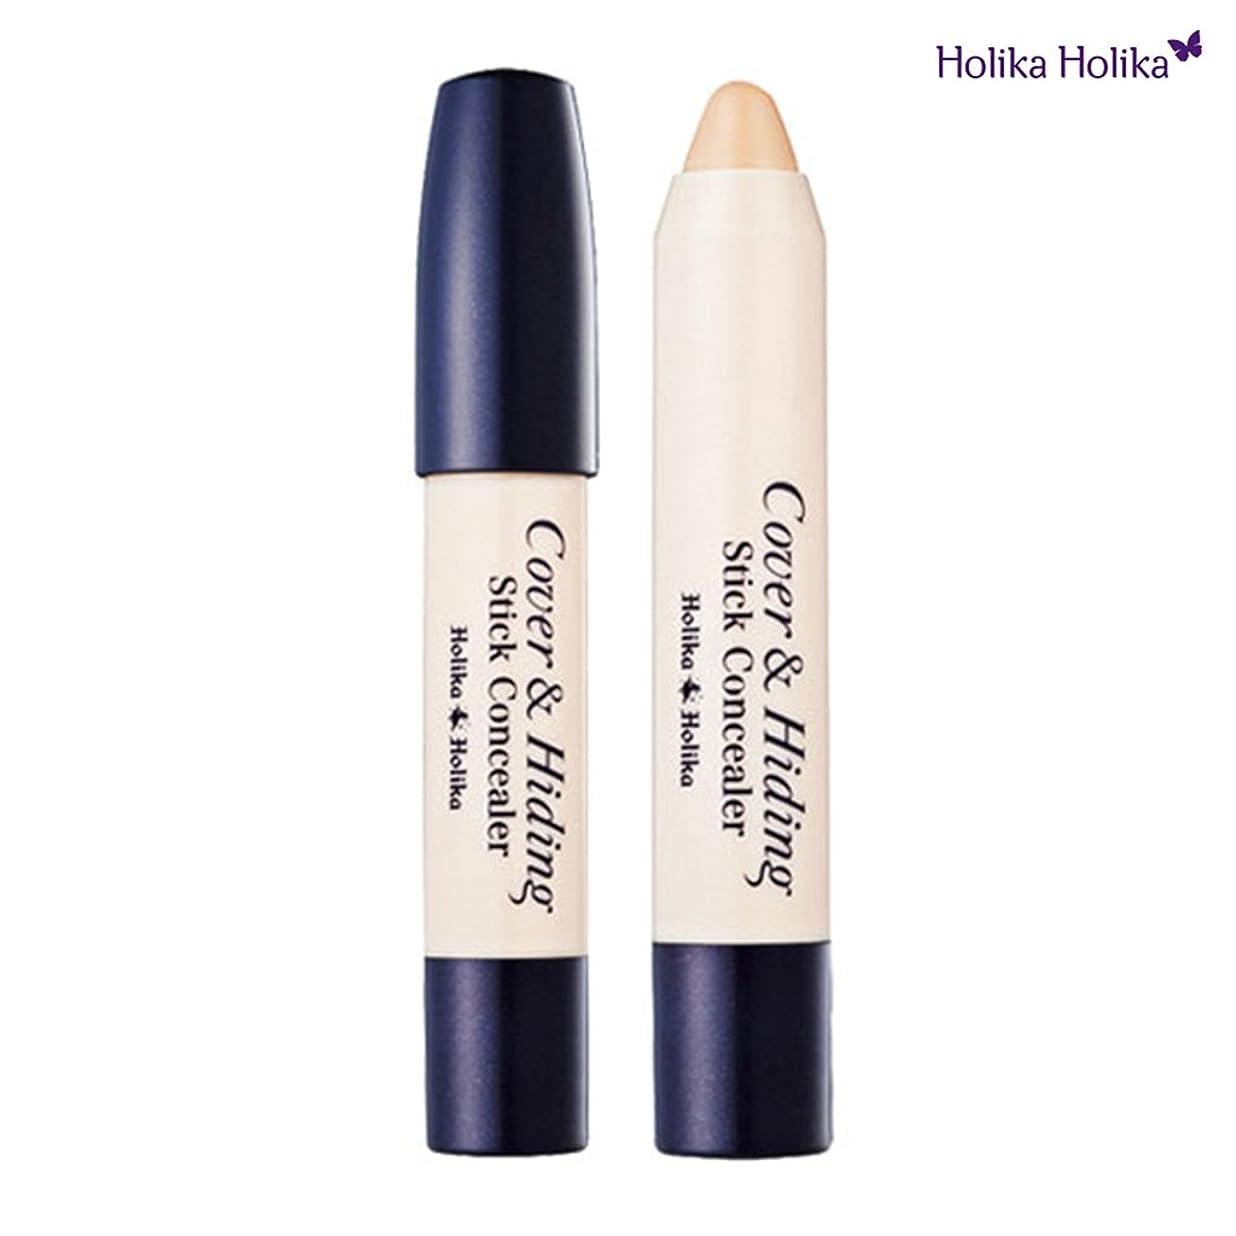 結論注入と(Holika Holika ホリカホリカ) Cover & Hiding Stick Concealer カバー&ヒディング スティック コンシーラー 01号ライトベージュ